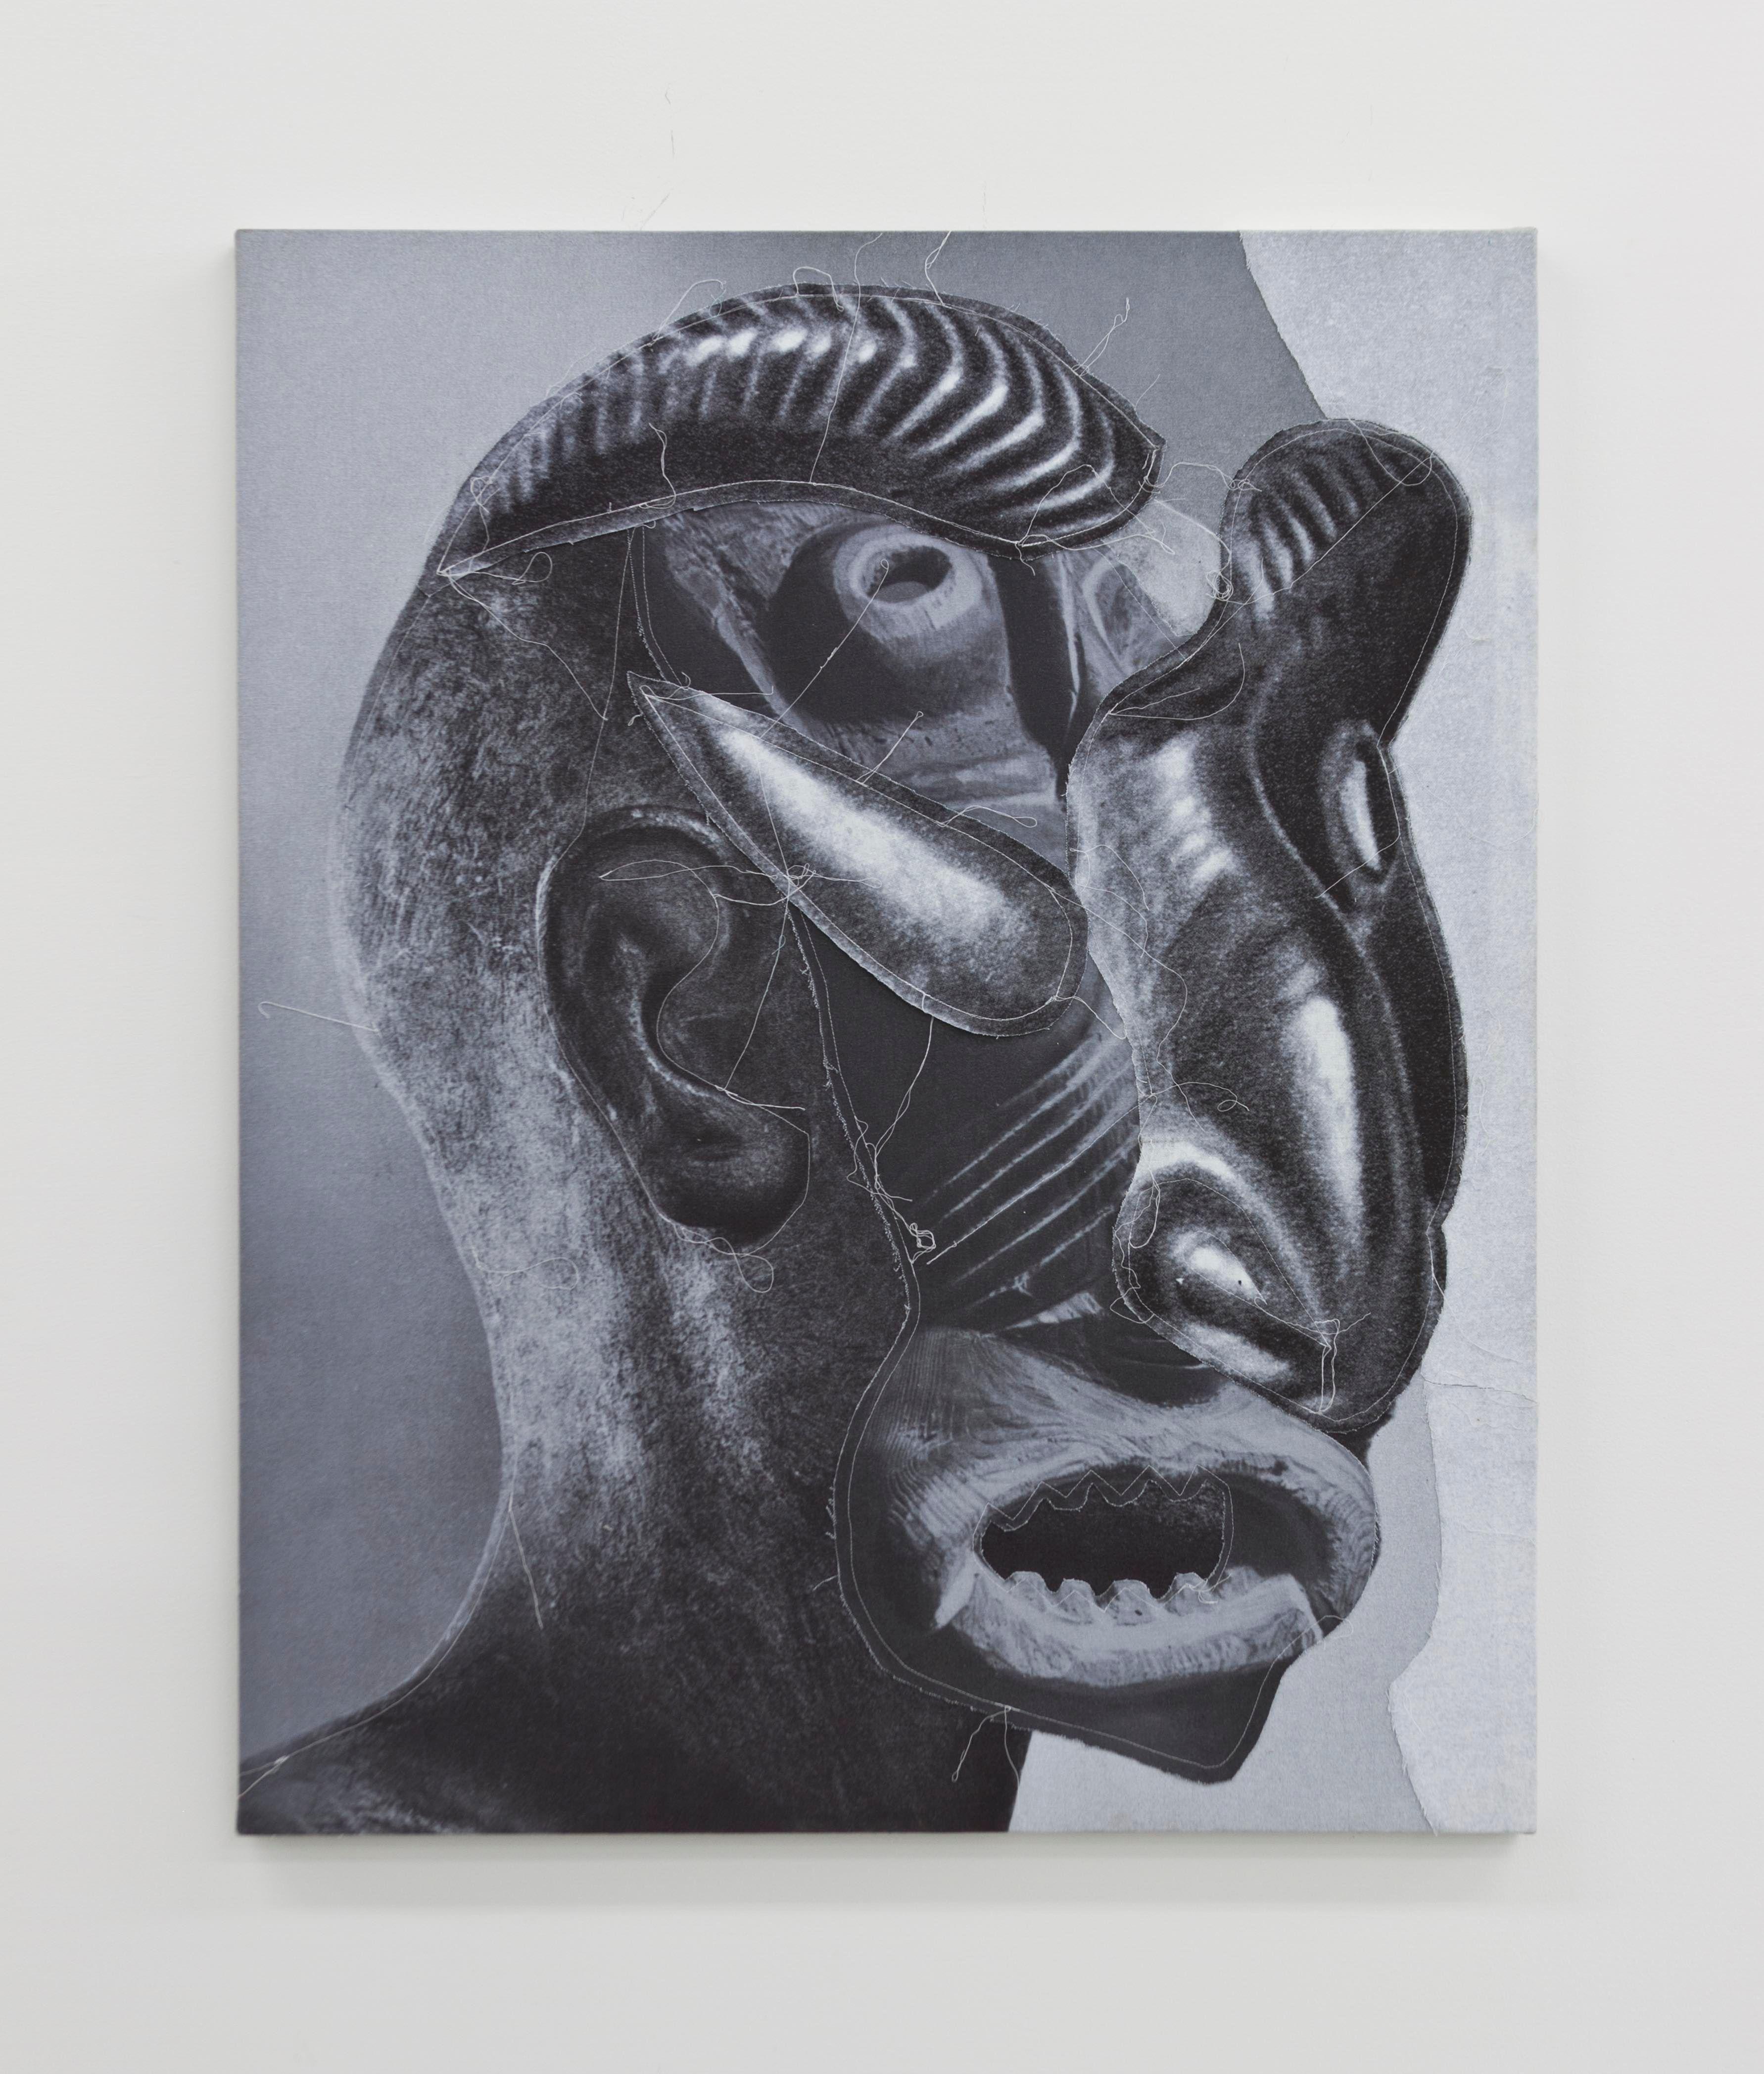 El Buana | Tela sobre bastidor | 123 x 100 cm | 2012